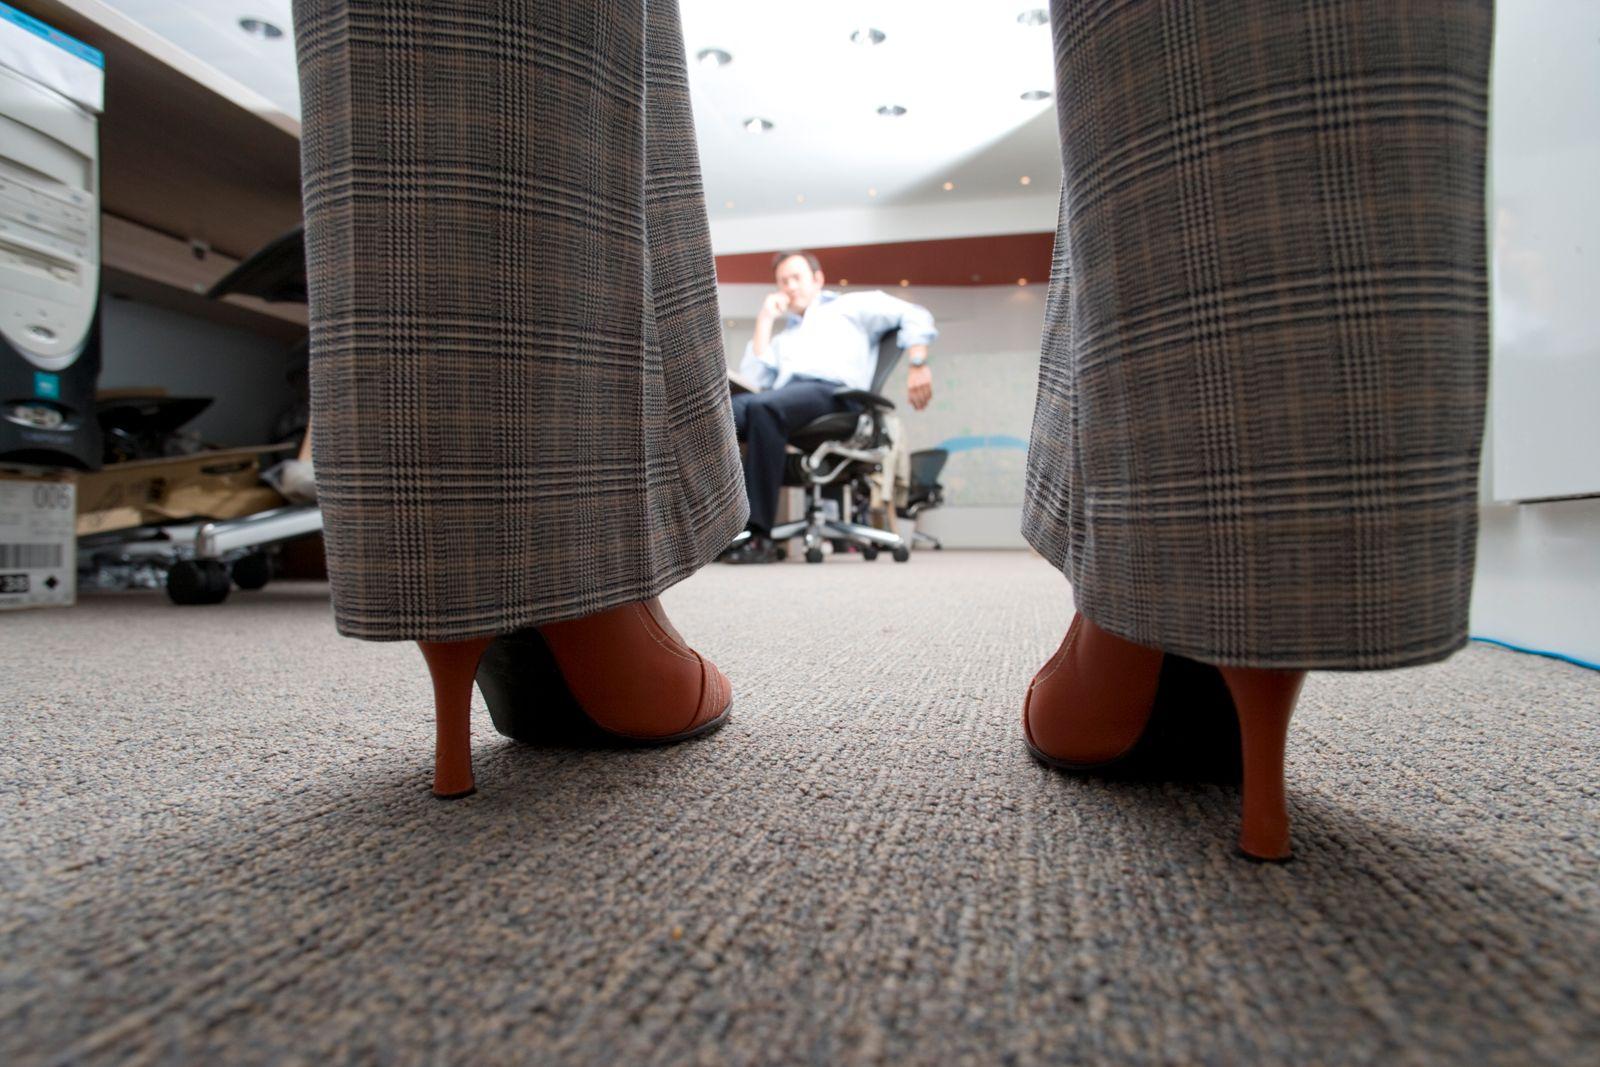 NICHT MEHR VERWENDEN! - Geschäftsfrau / Hochhackige Schuhe